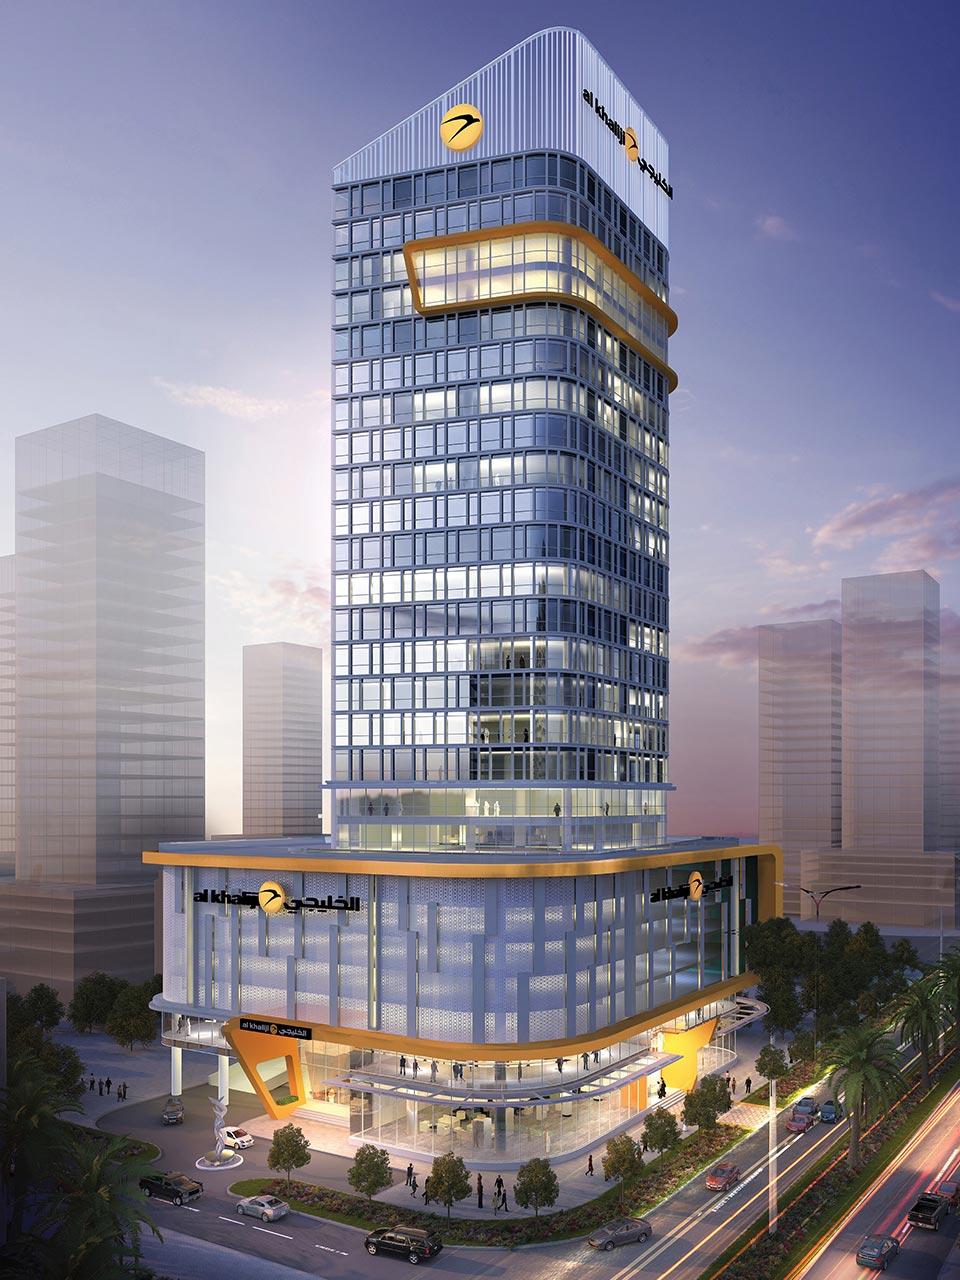 Al Khaliji Headquarters Project